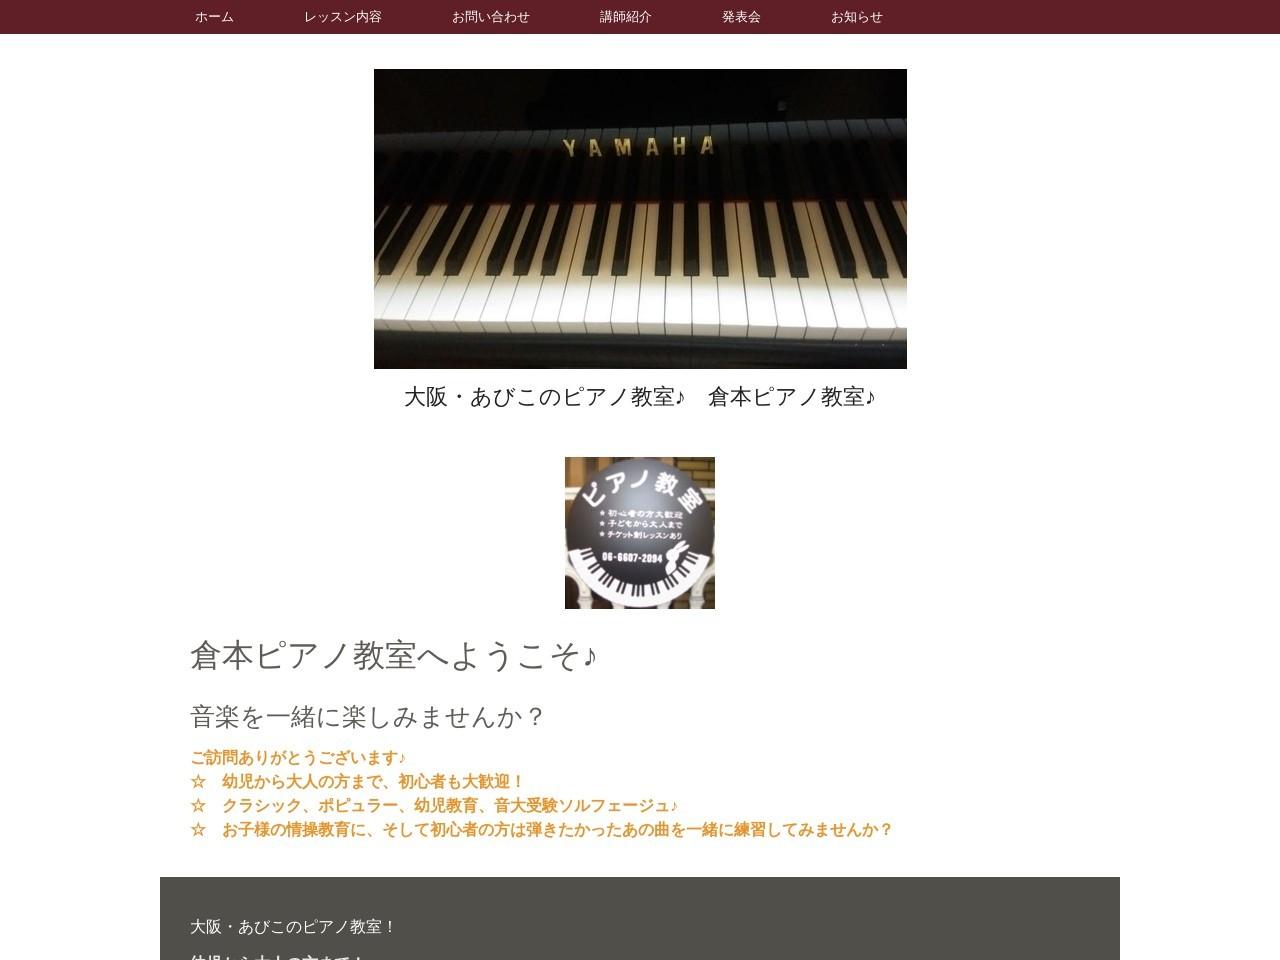 倉本ピアノ教室のサムネイル